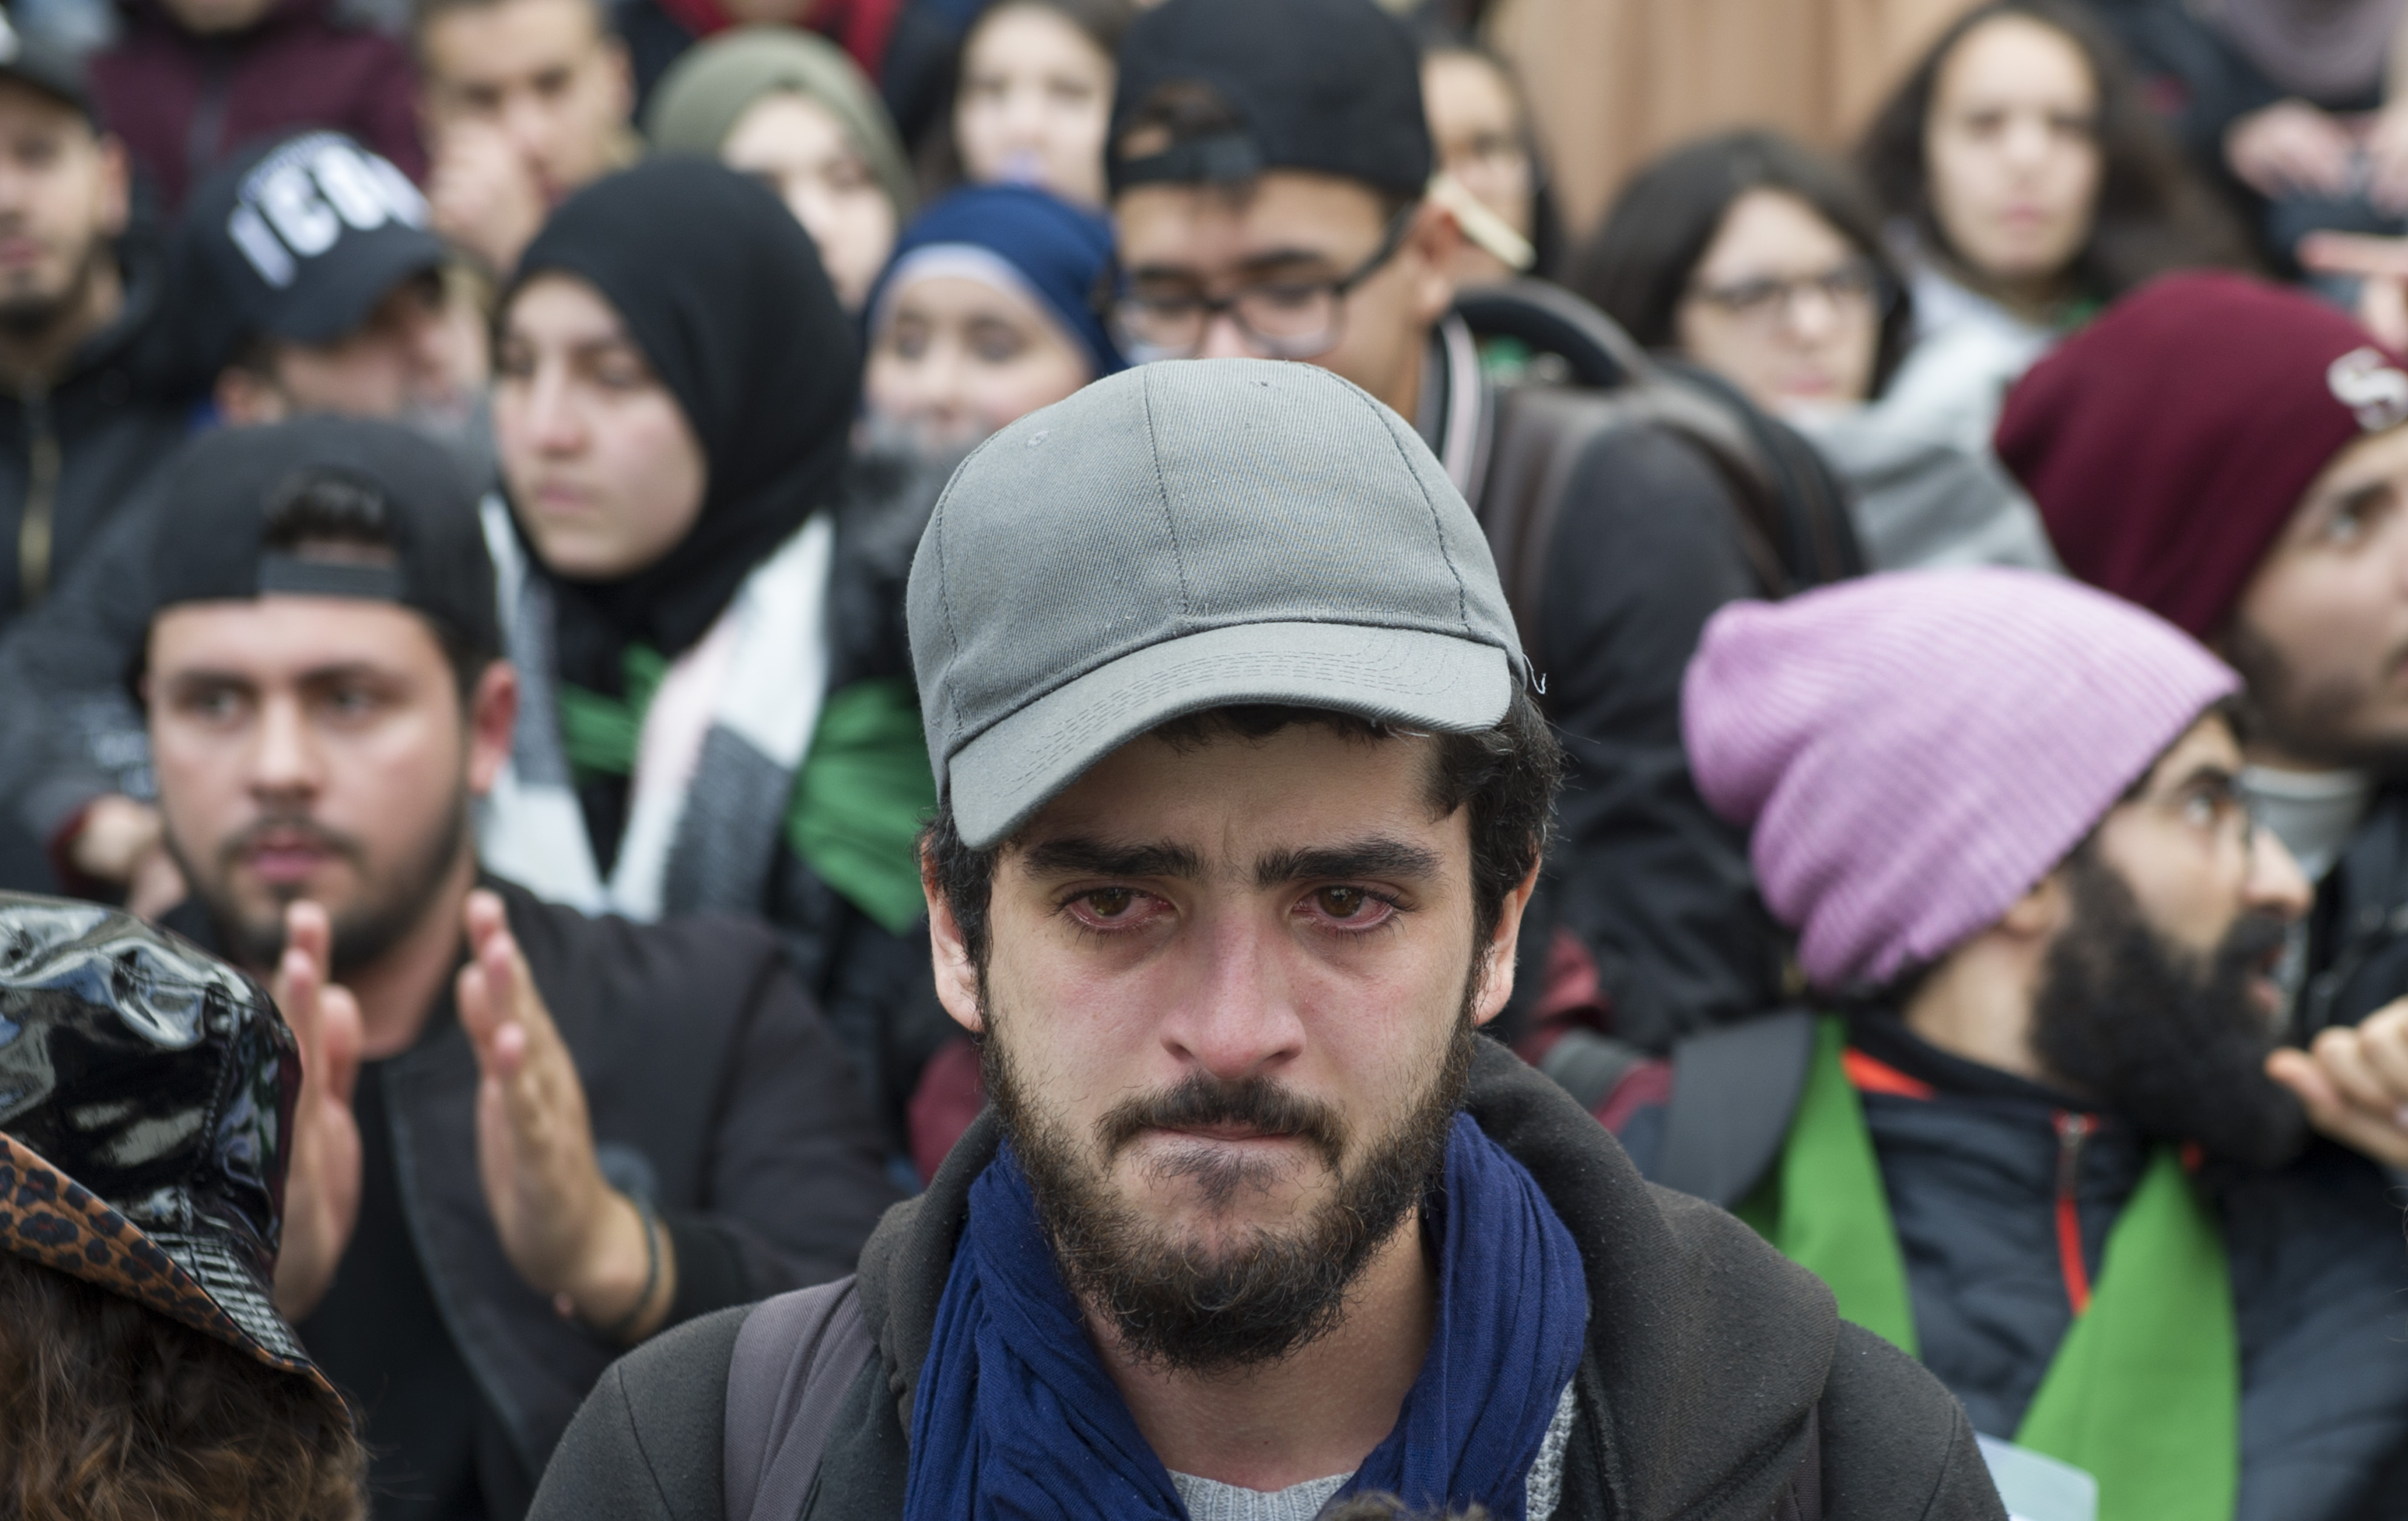 Cet étudiant réagi à sa manière à la répression d'une marche estudiantine.